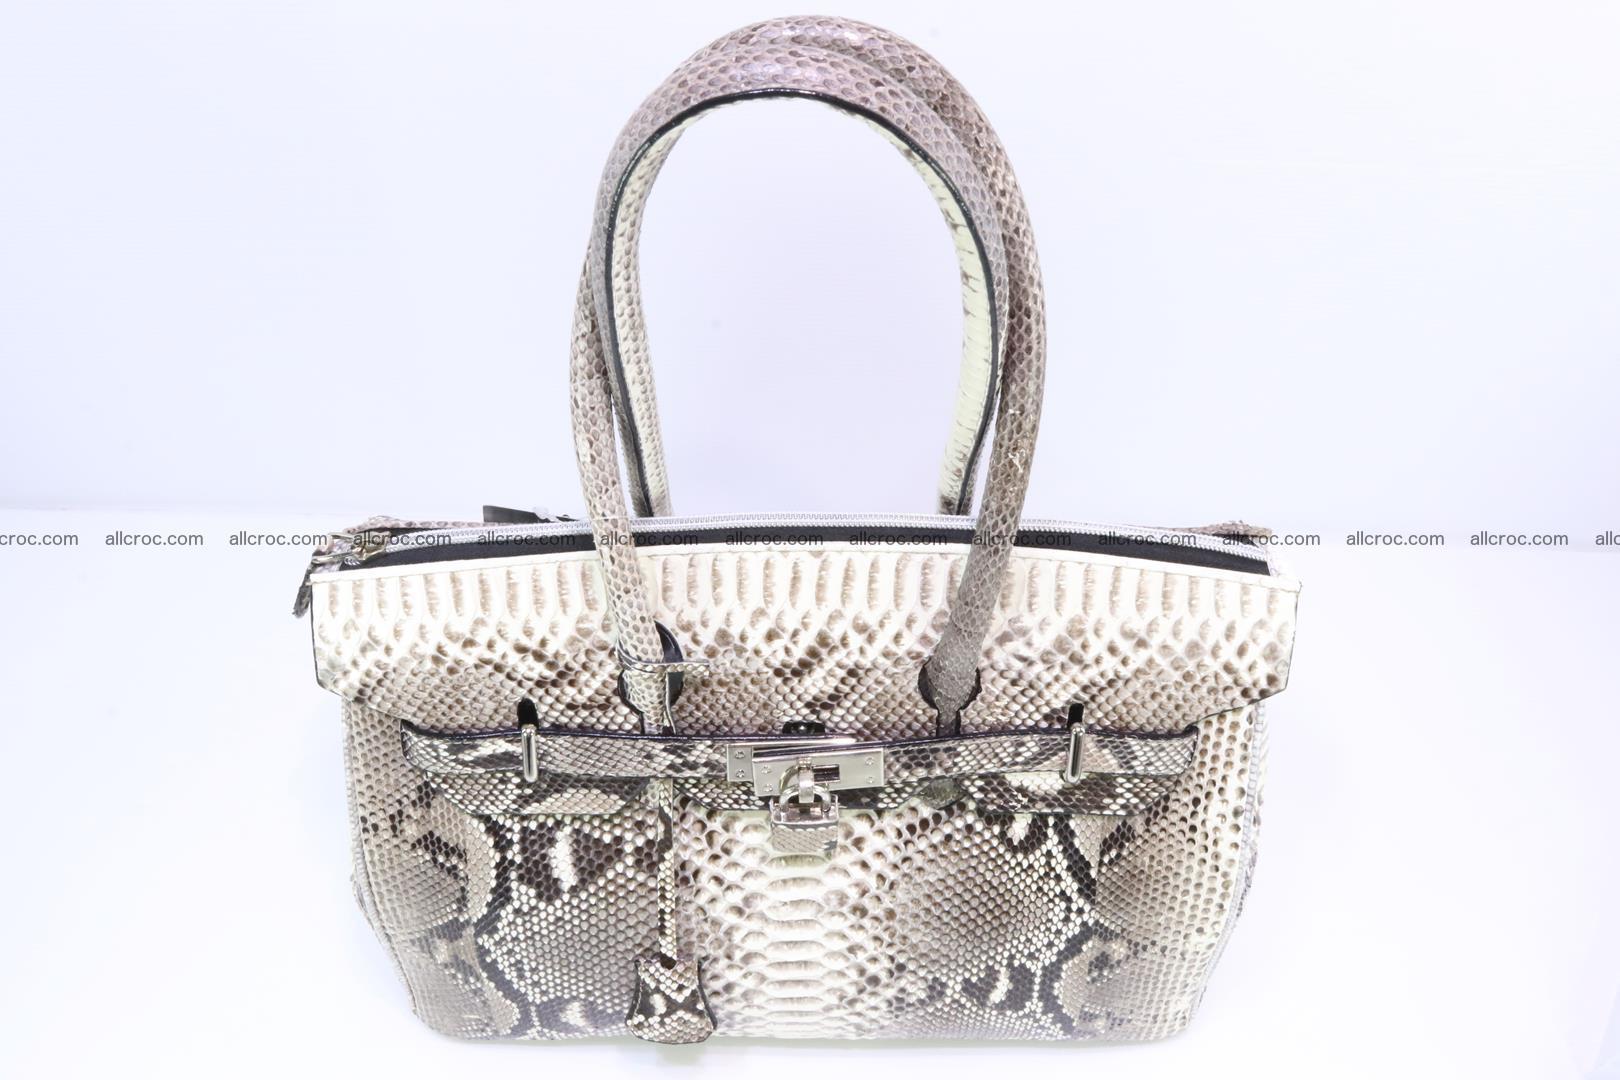 Python skin women's handbag replica of Birkin 199 Foto 5